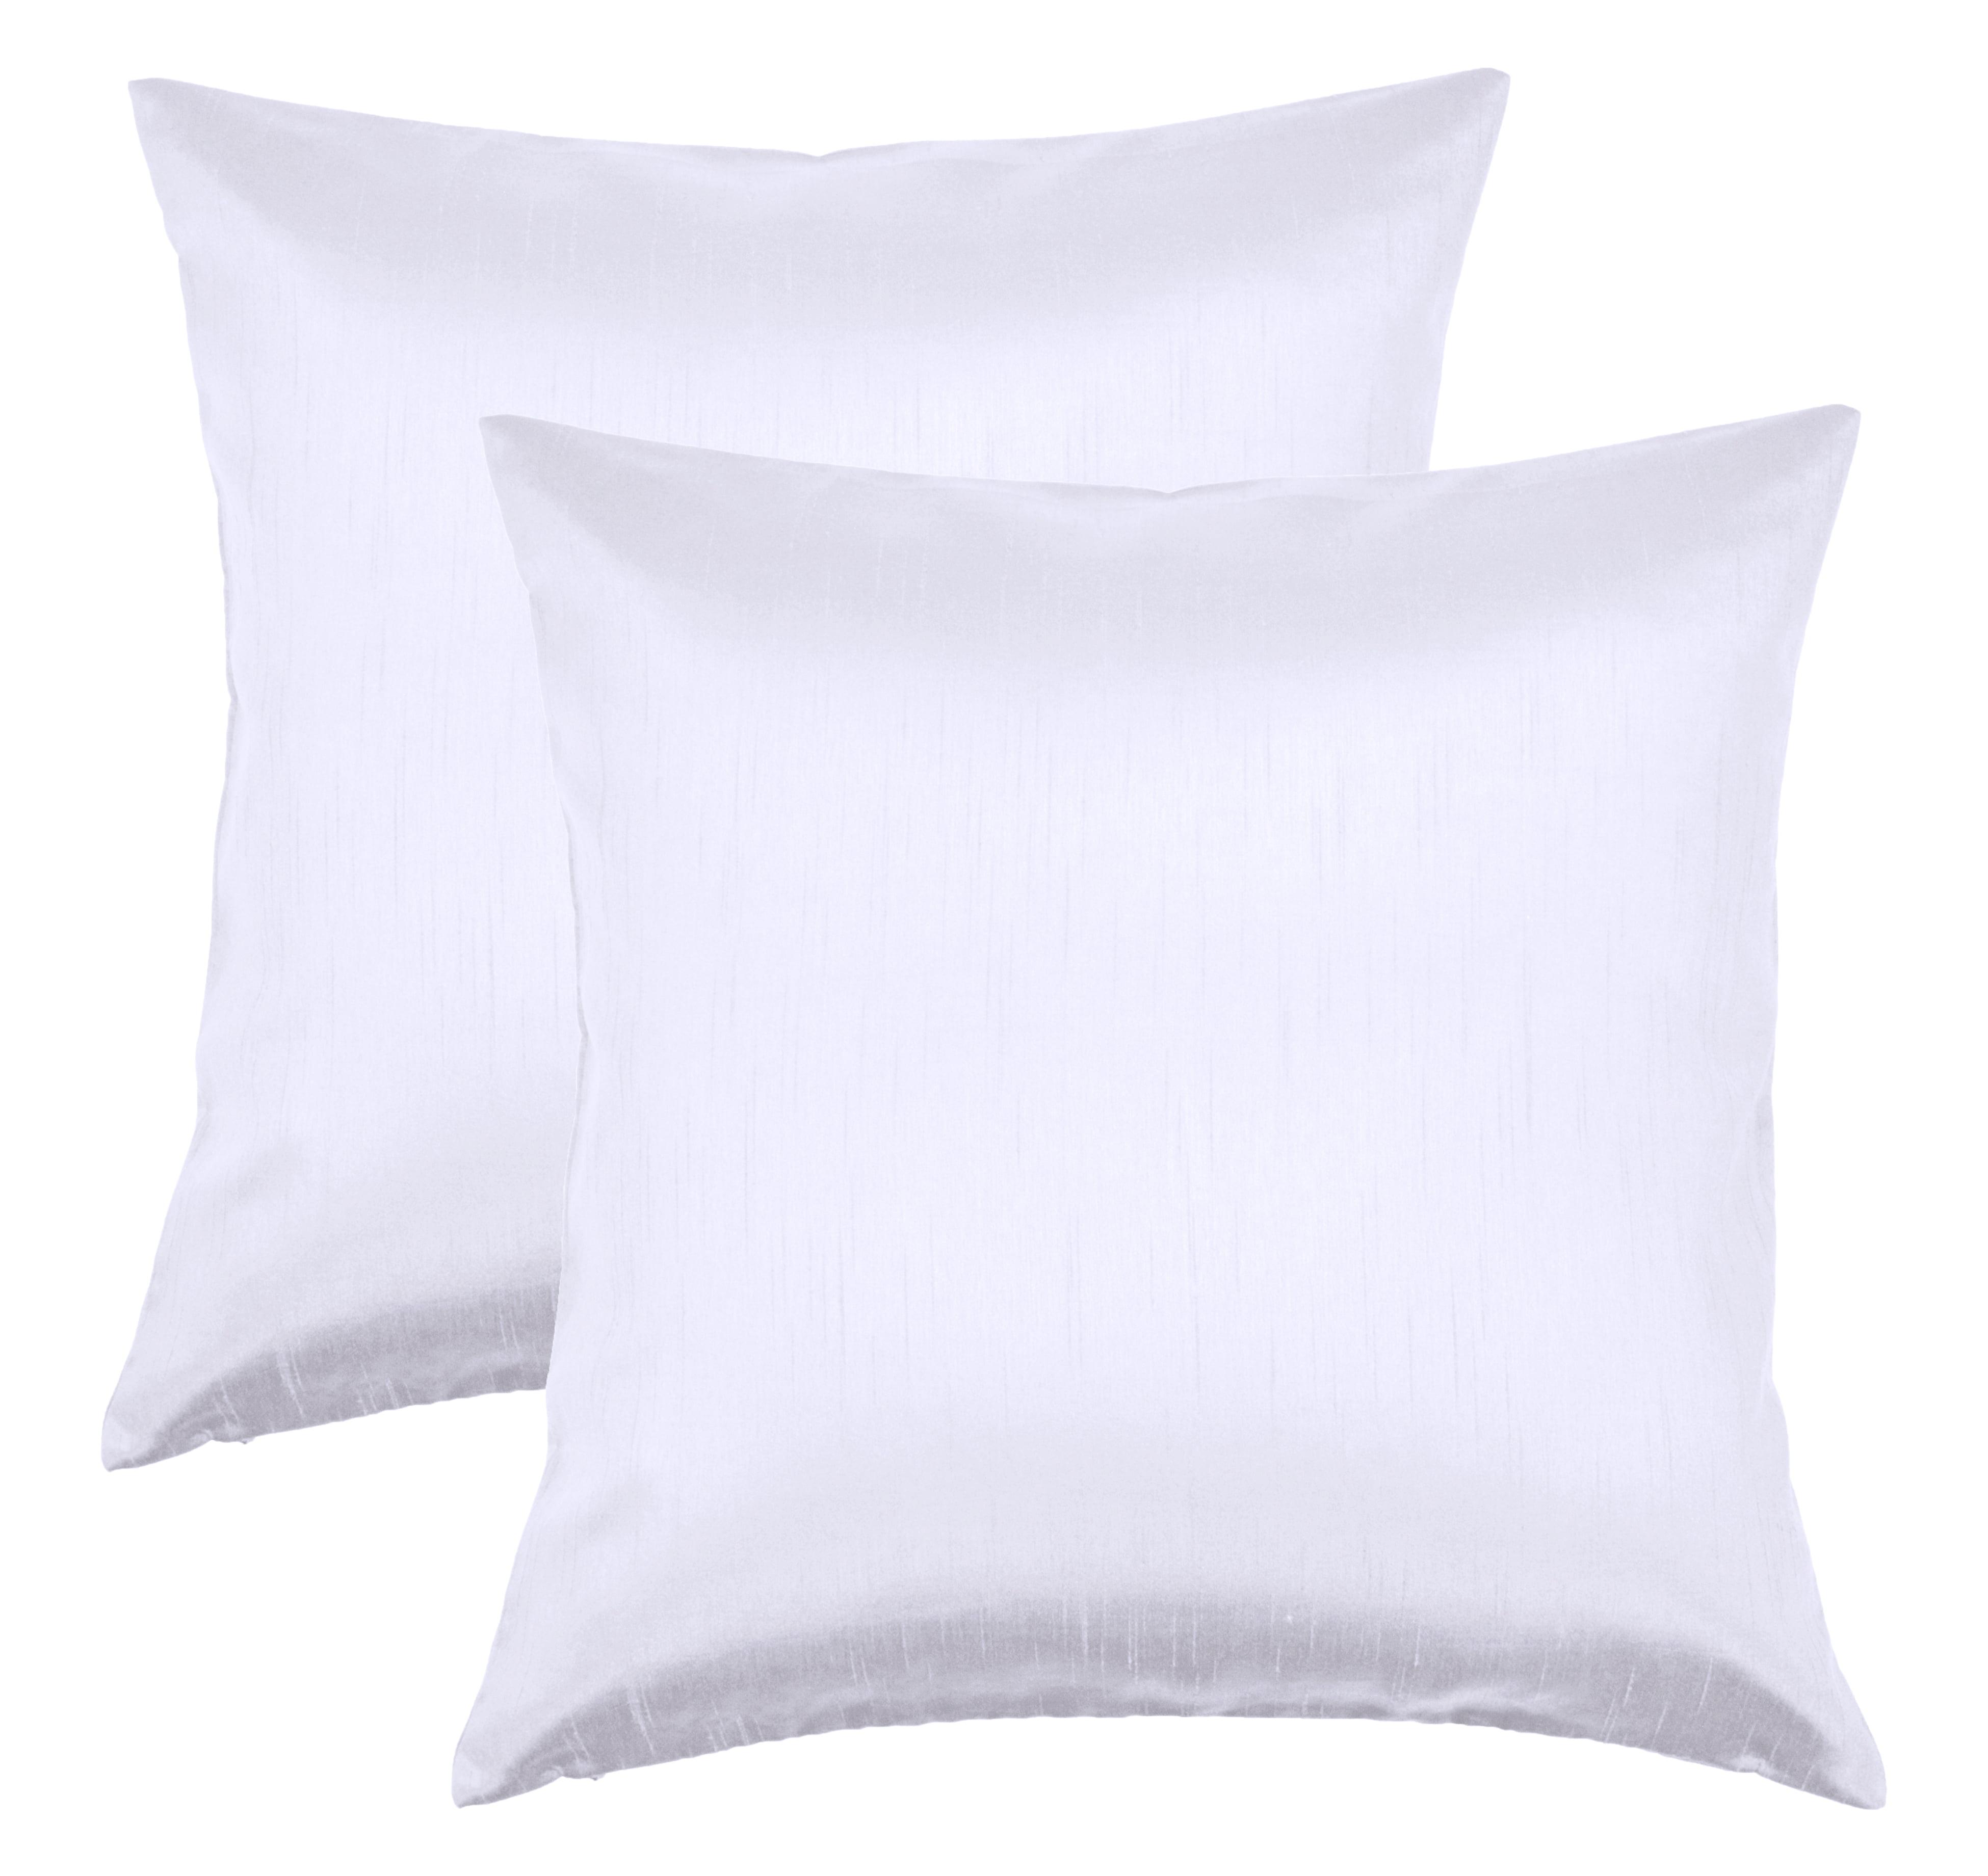 Aiking Home 24x24 Inches Faux Silk Square European Shams Zipper Closure White Set Of 2 Walmart Com Walmart Com